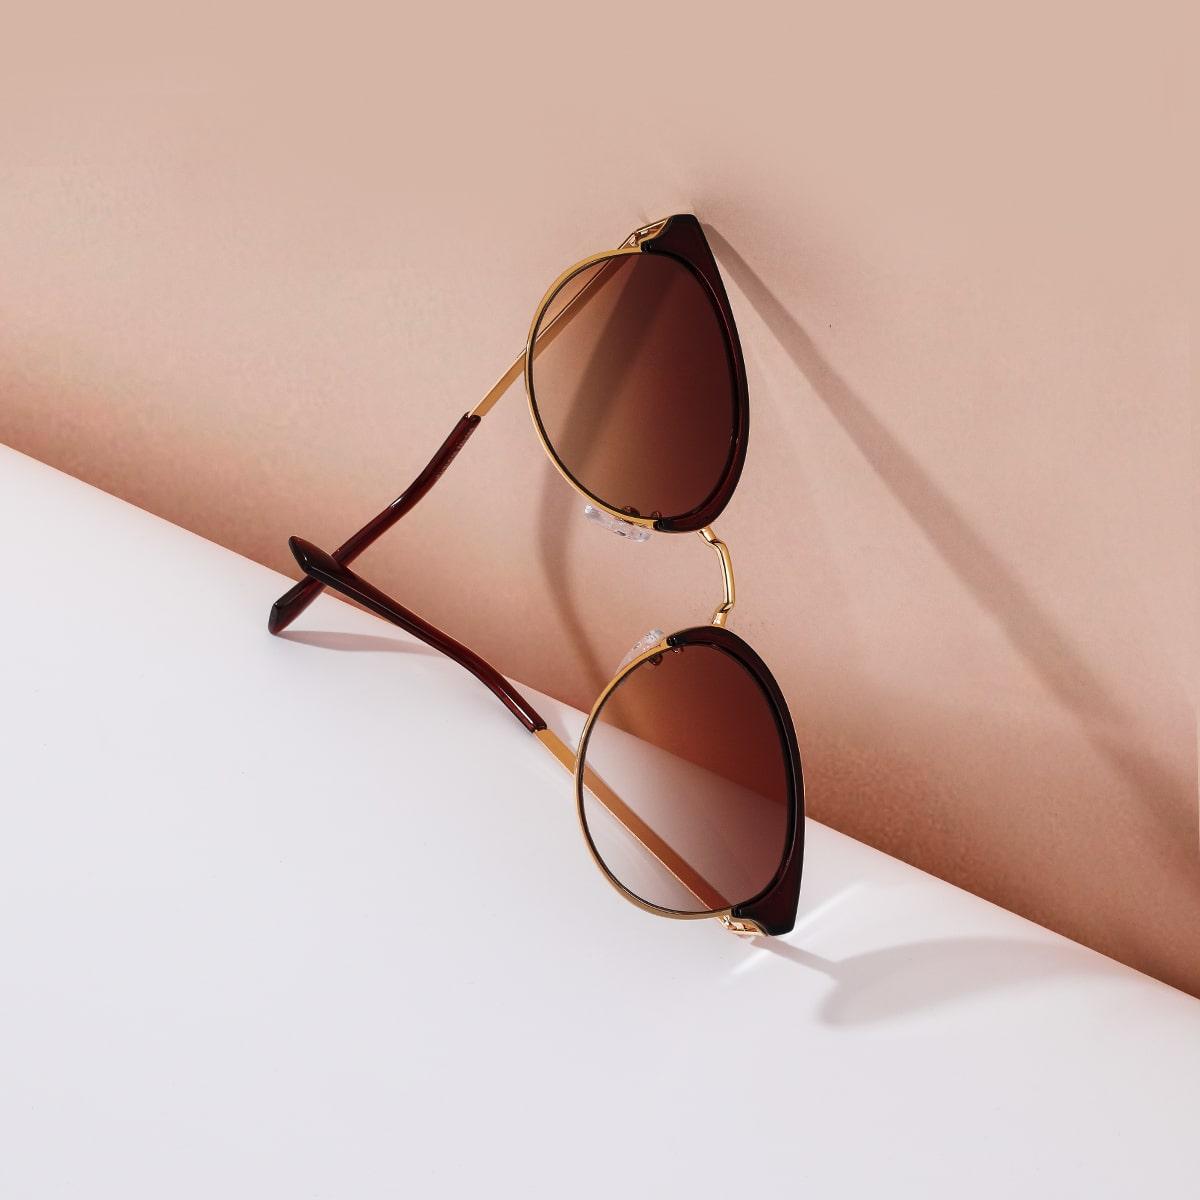 Солнечные очки в кошачьего глаза